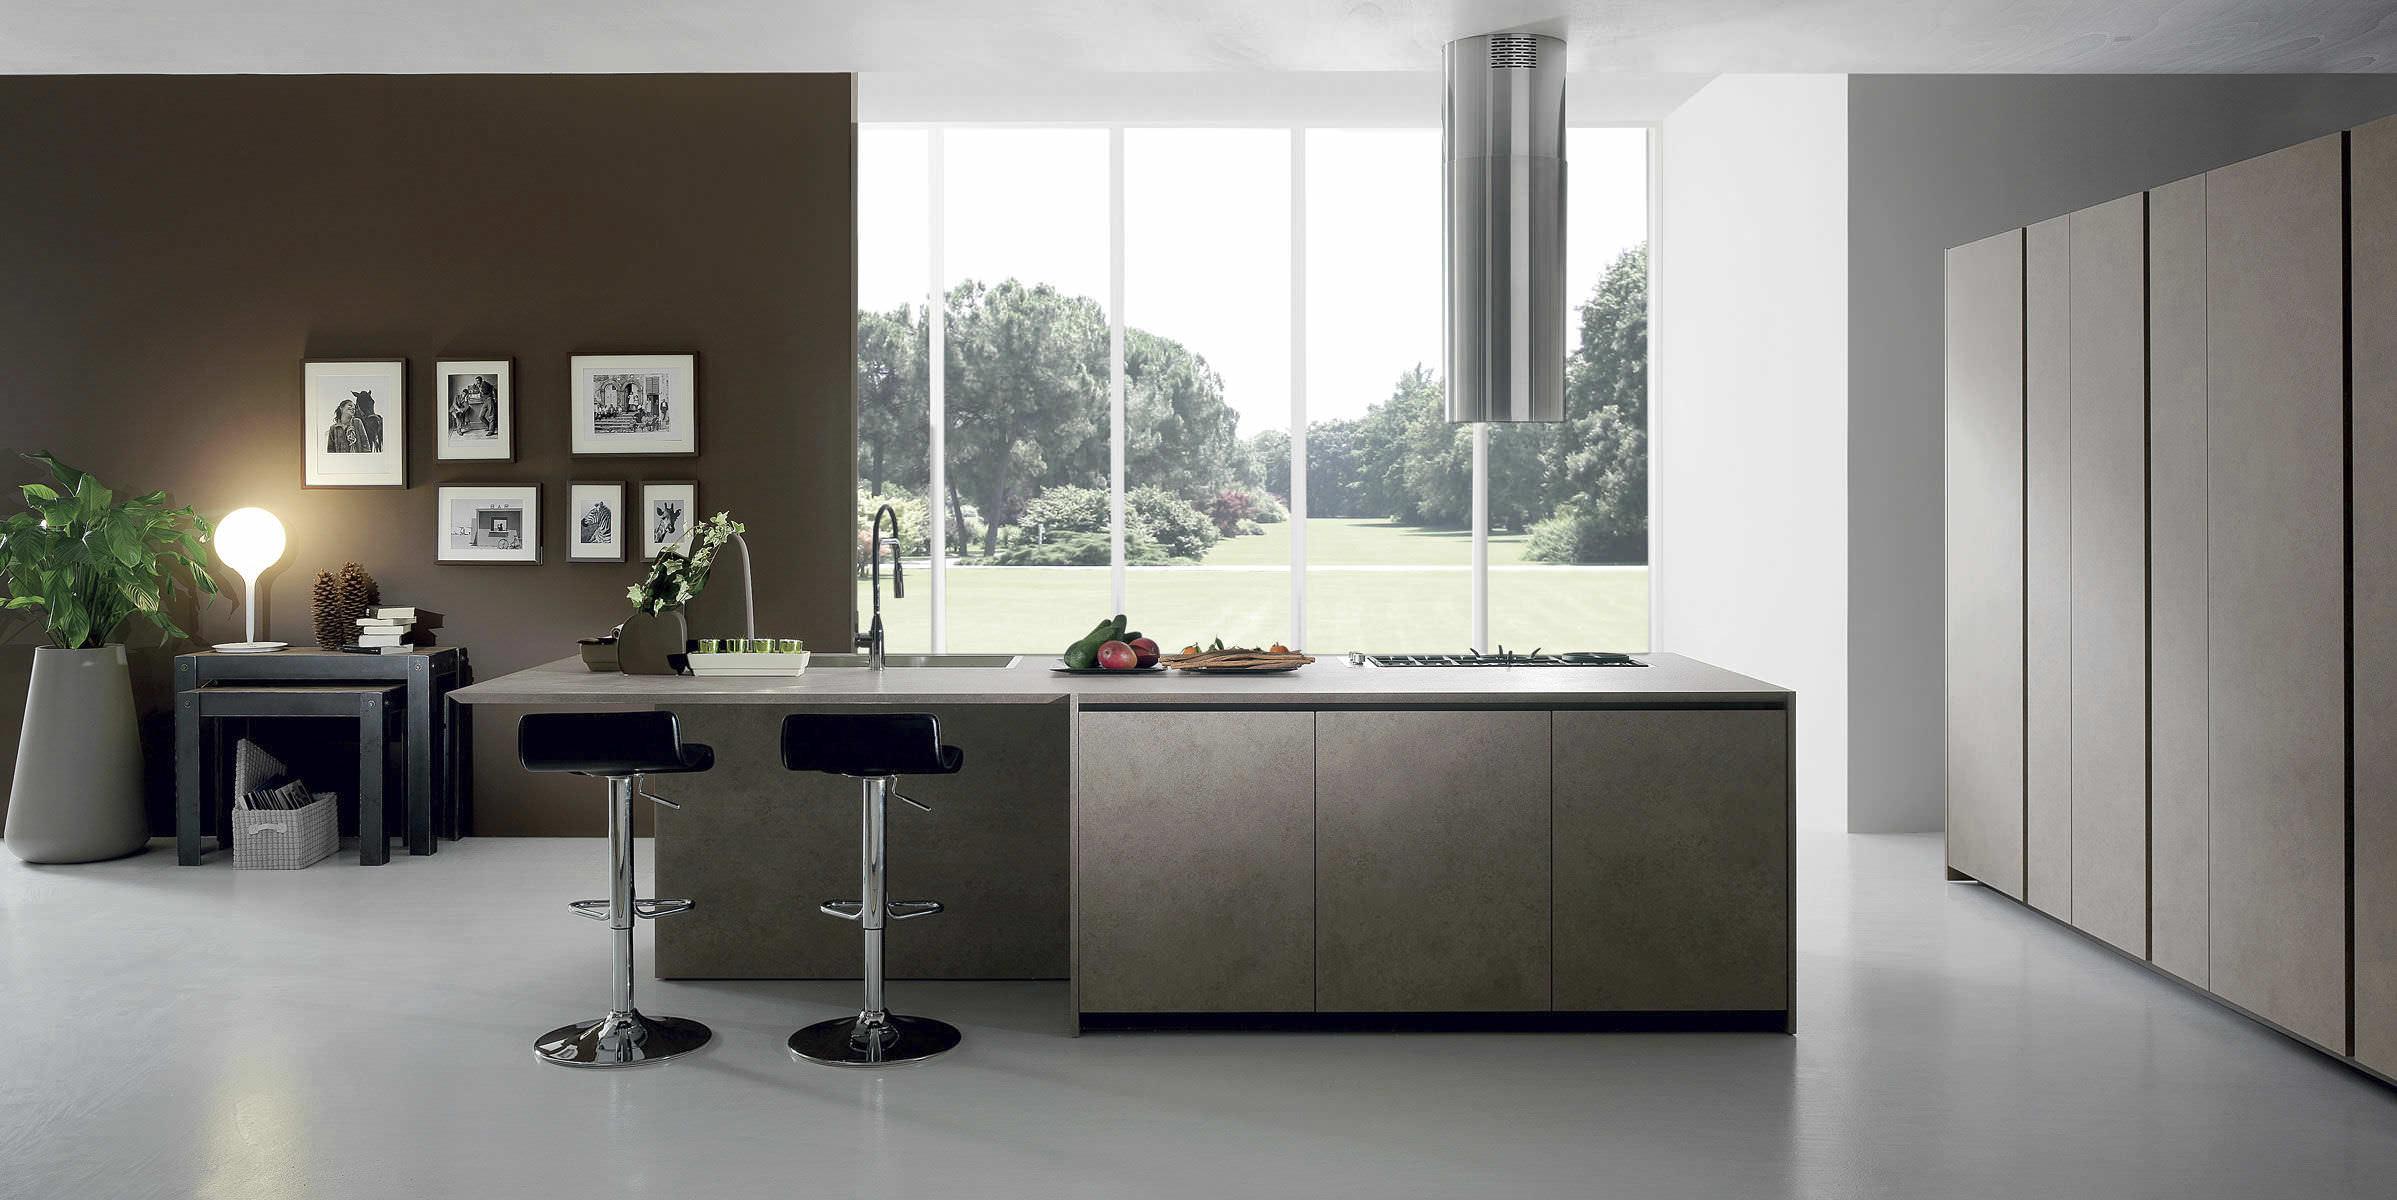 Cucina moderna / in laminato / con isola - CRETA CORNER by Centro ...